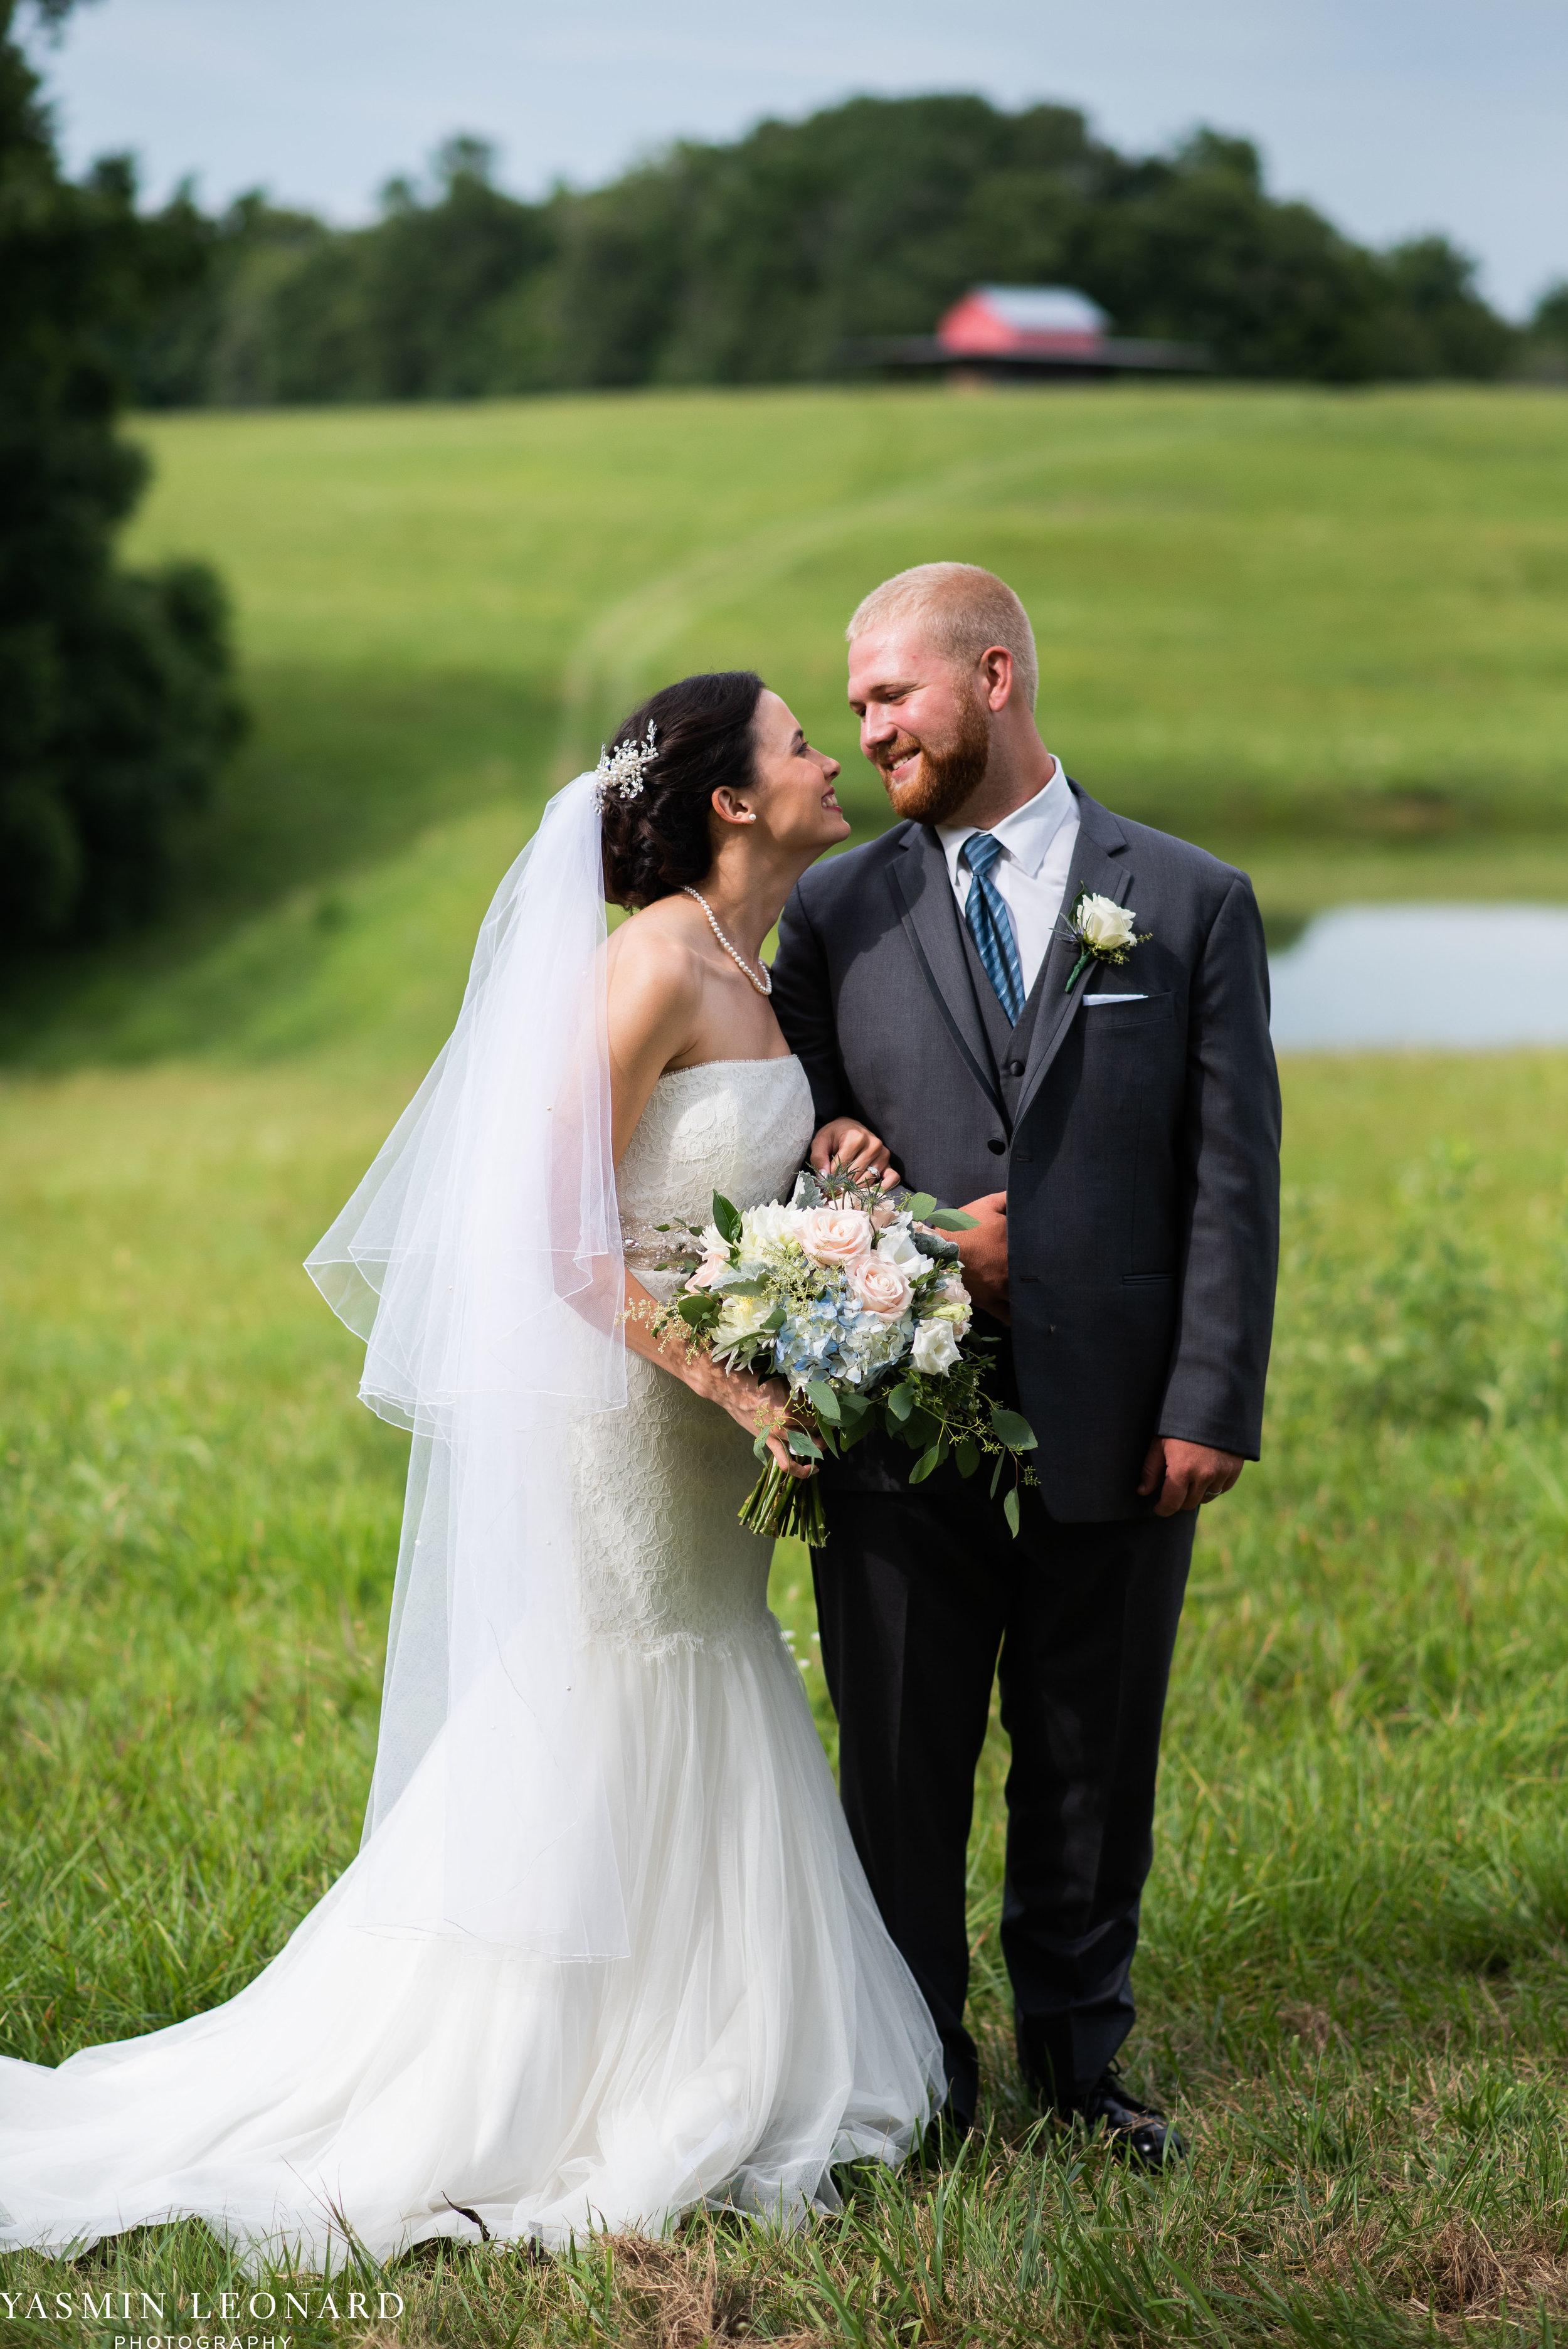 Mt. Pleasant Church - Church Wedding - Traditional Wedding - Church Ceremony - Country Wedding - Godly Wedding - NC Wedding Photographer - High Point Weddings - Triad Weddings - NC Venues-28.jpg